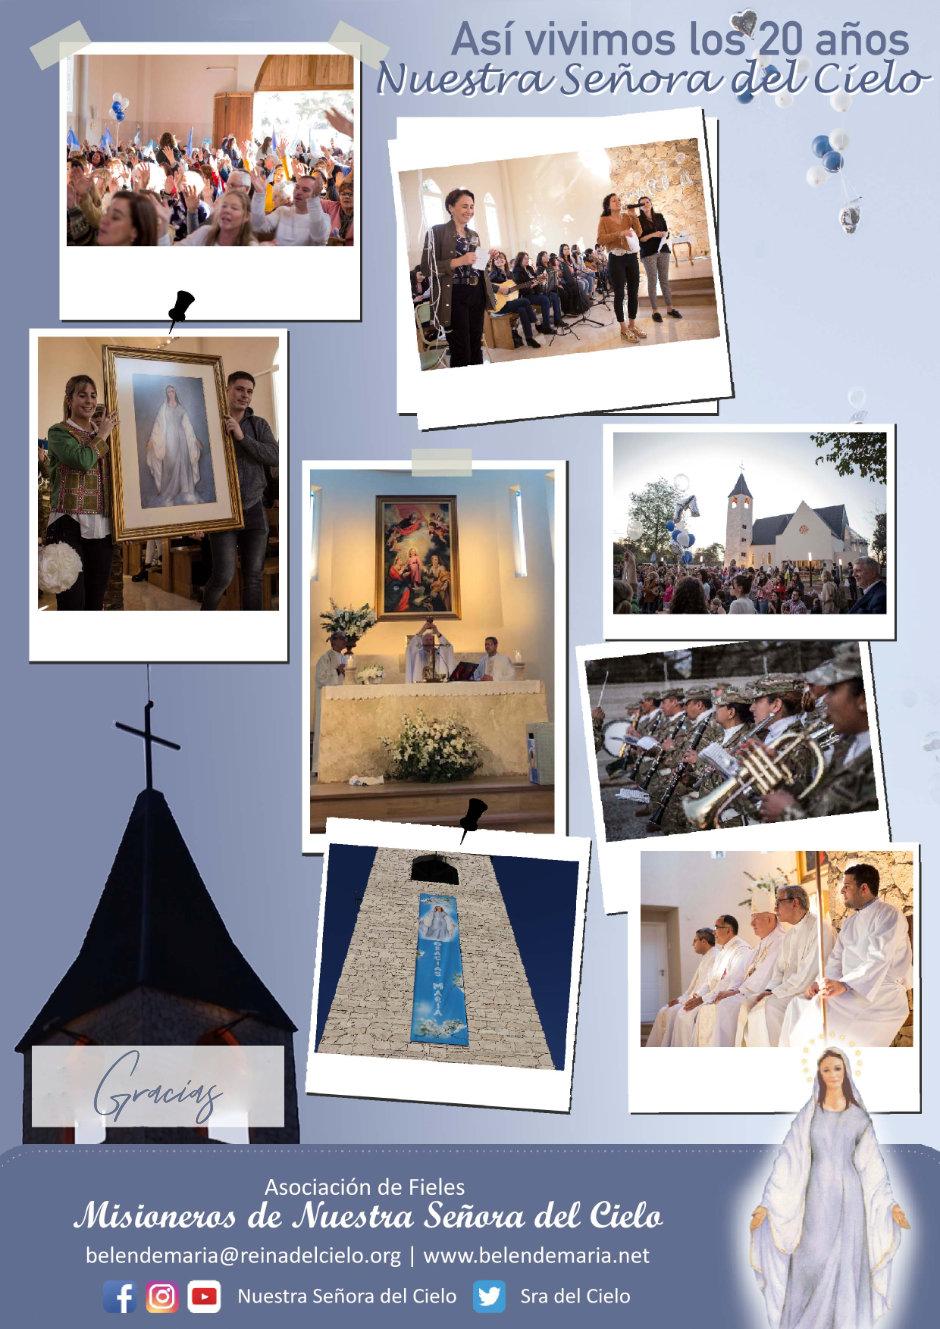 Viviendo 20 años con Nuestra Señora del Cielo 👑